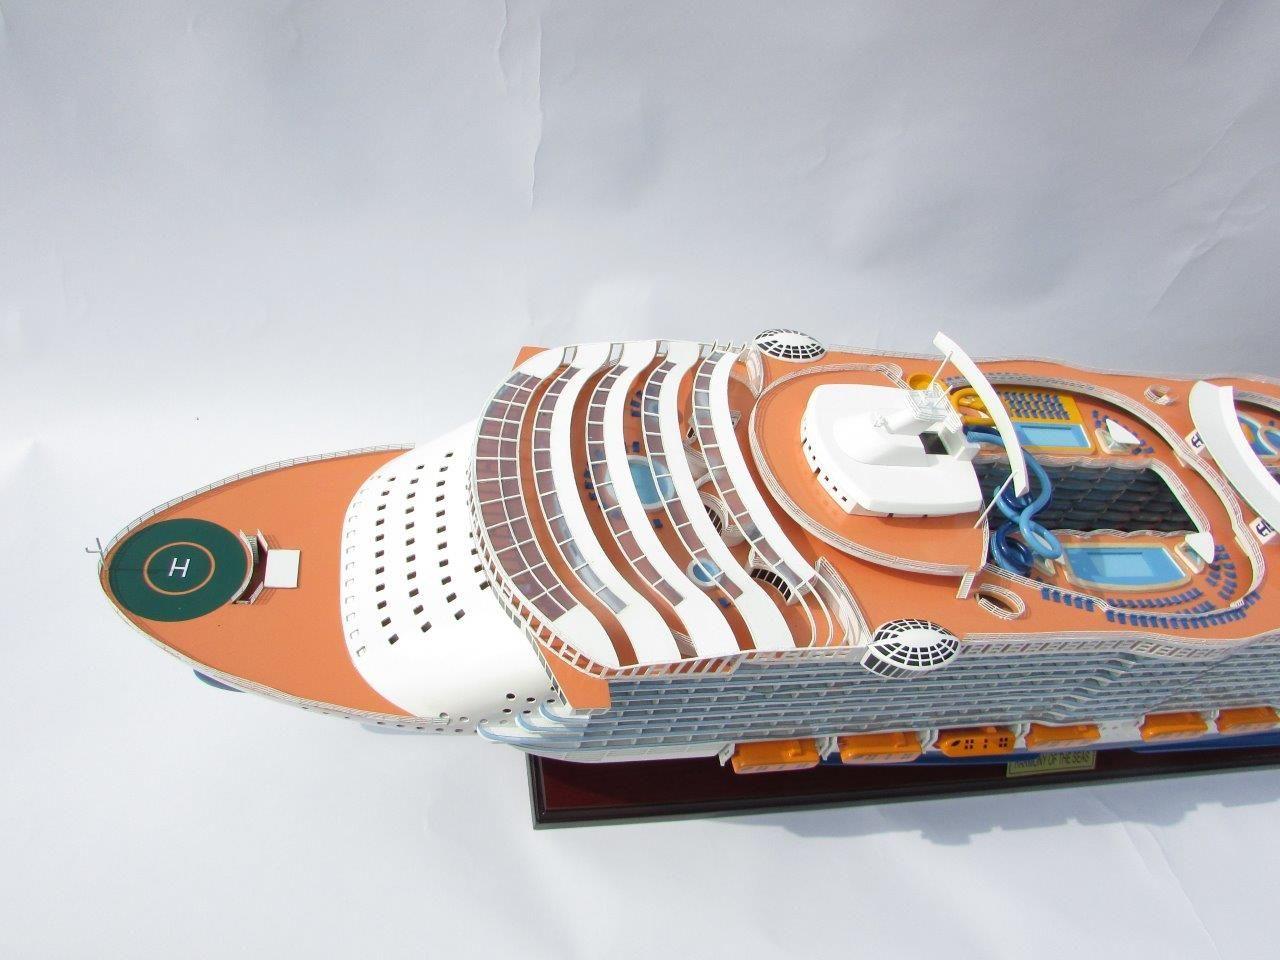 1784-10031-Harmony-of-the-Seas-Model-Ship